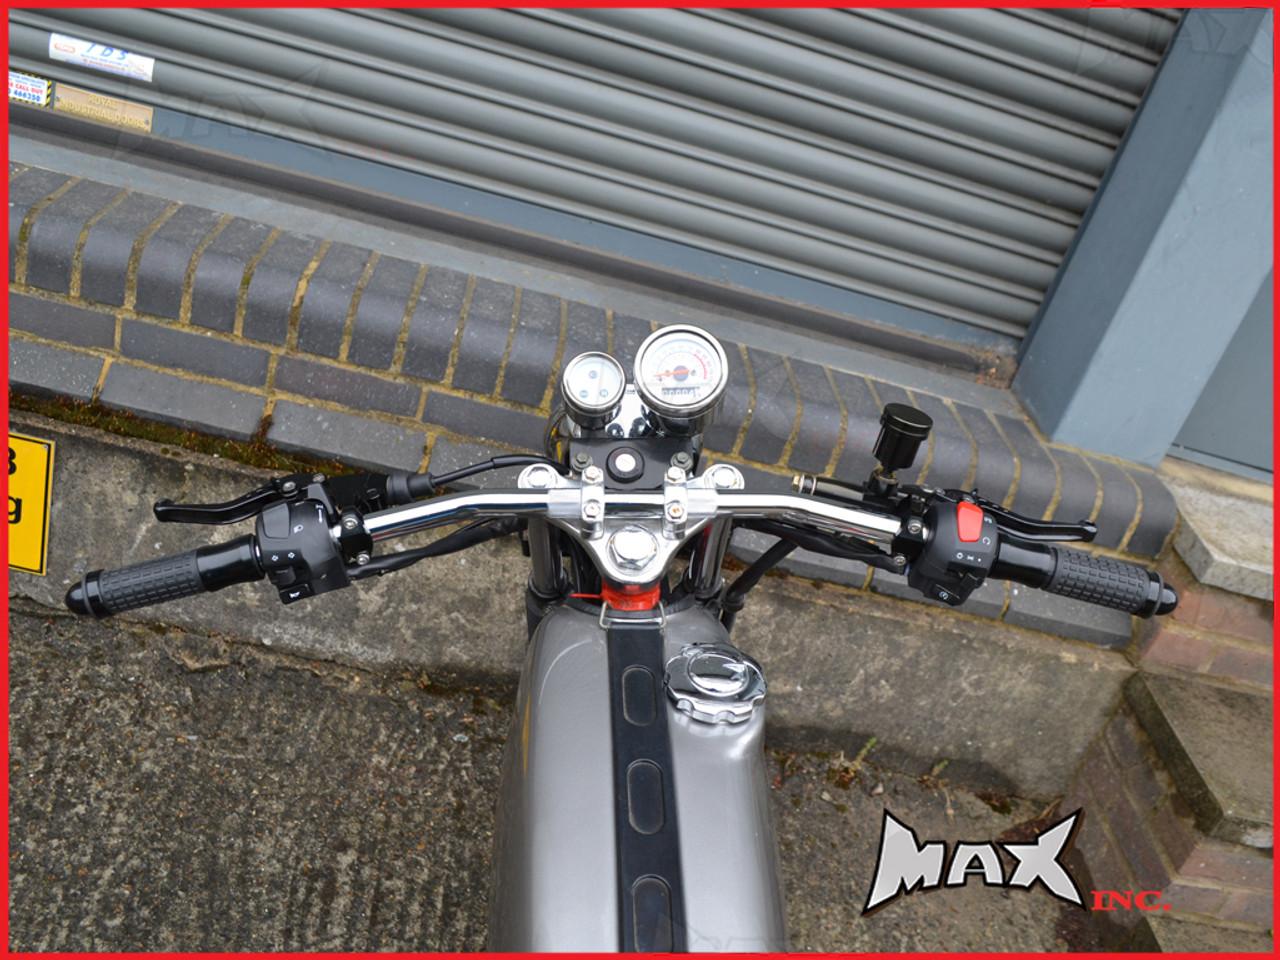 Chrome Cafe Racer Steel Drag Bars - 7/8 (22mm)